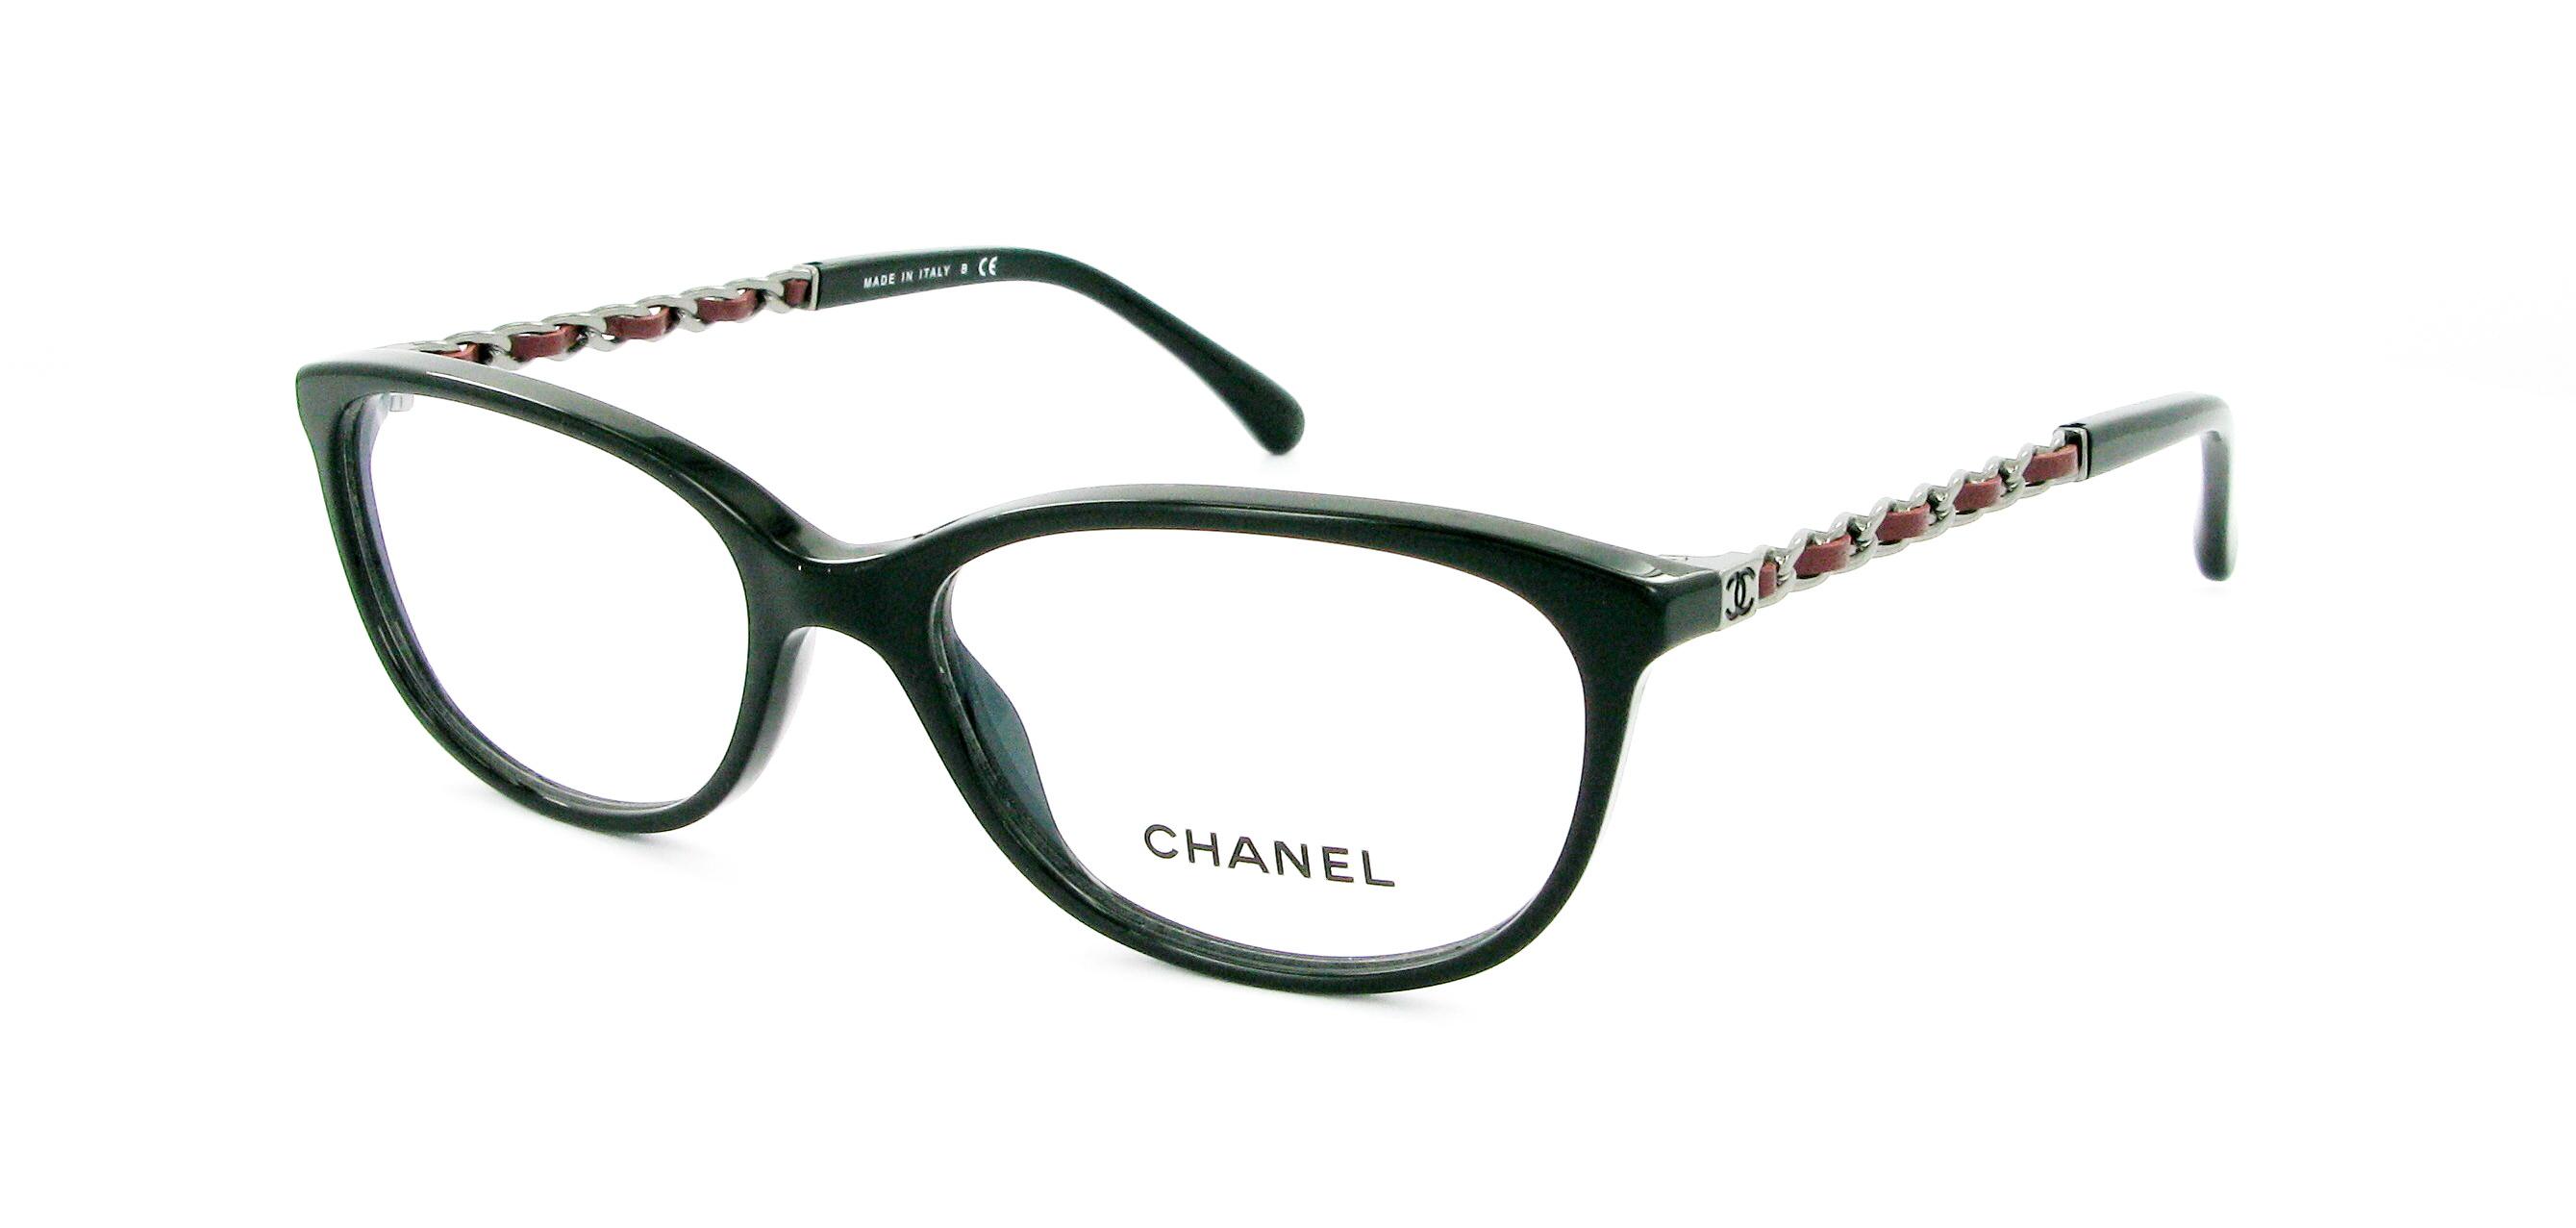 Lunette Vue Chanel Femme   David Simchi-Levi 655f5e4444fc